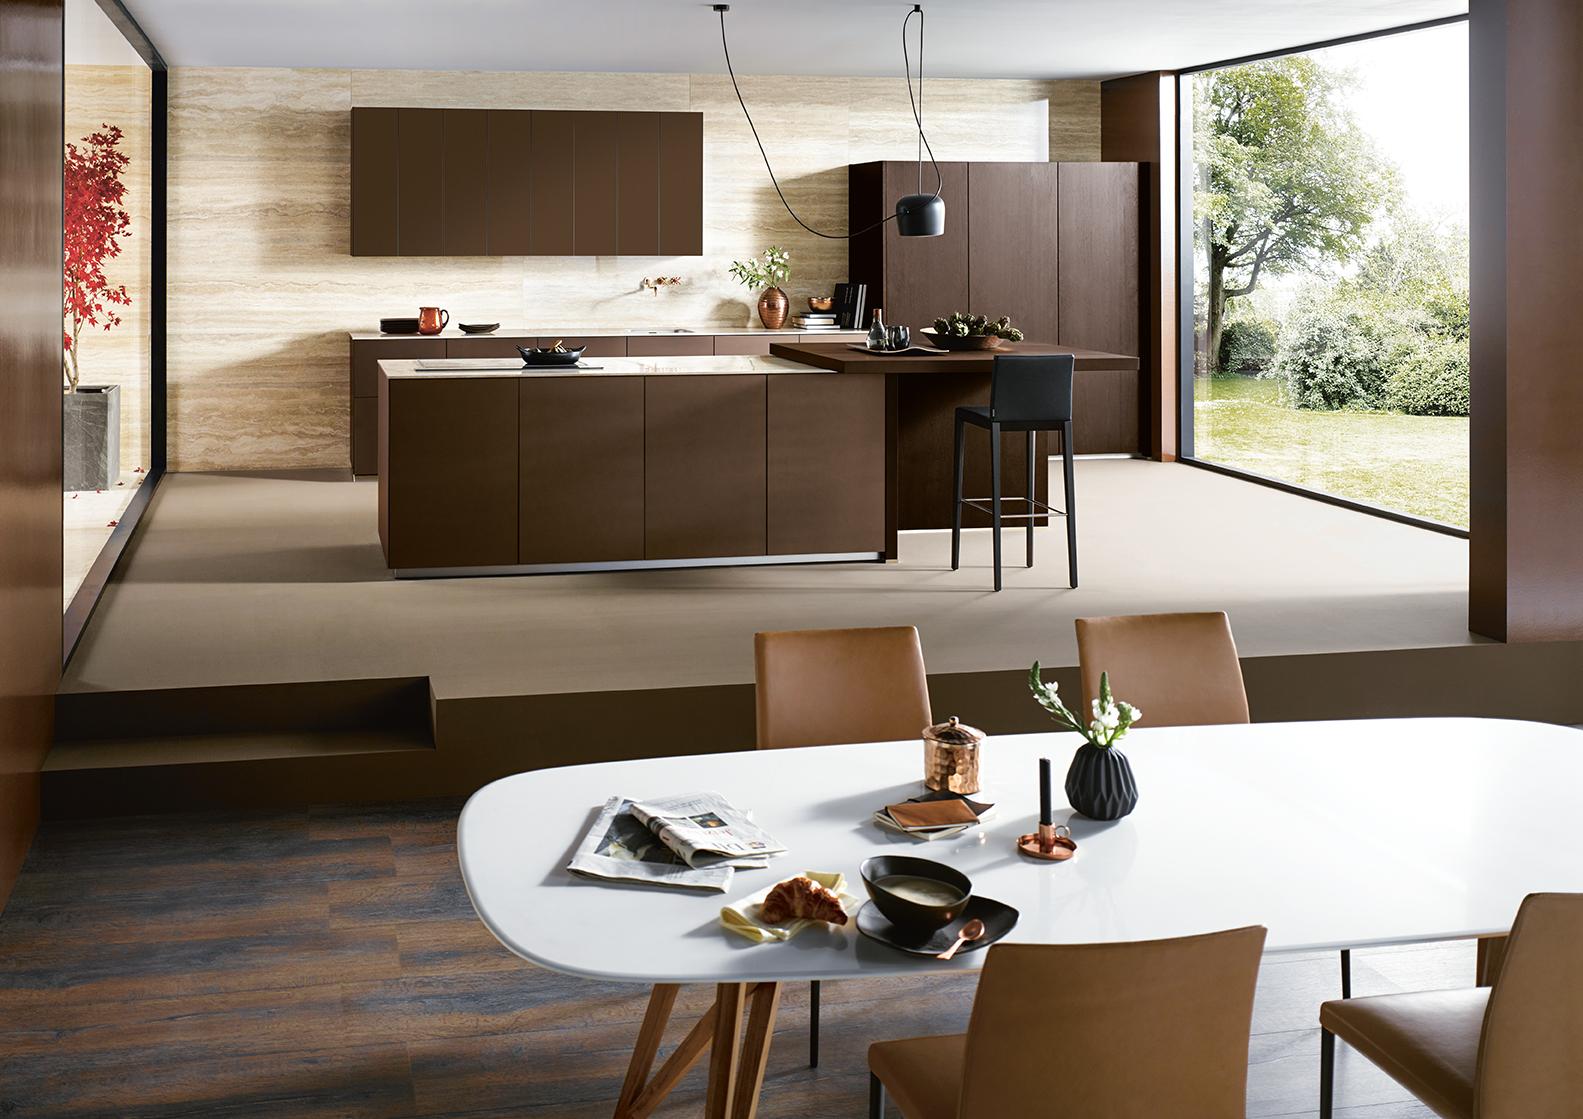 Cuisine moderne couleur marron avec salon ouvert